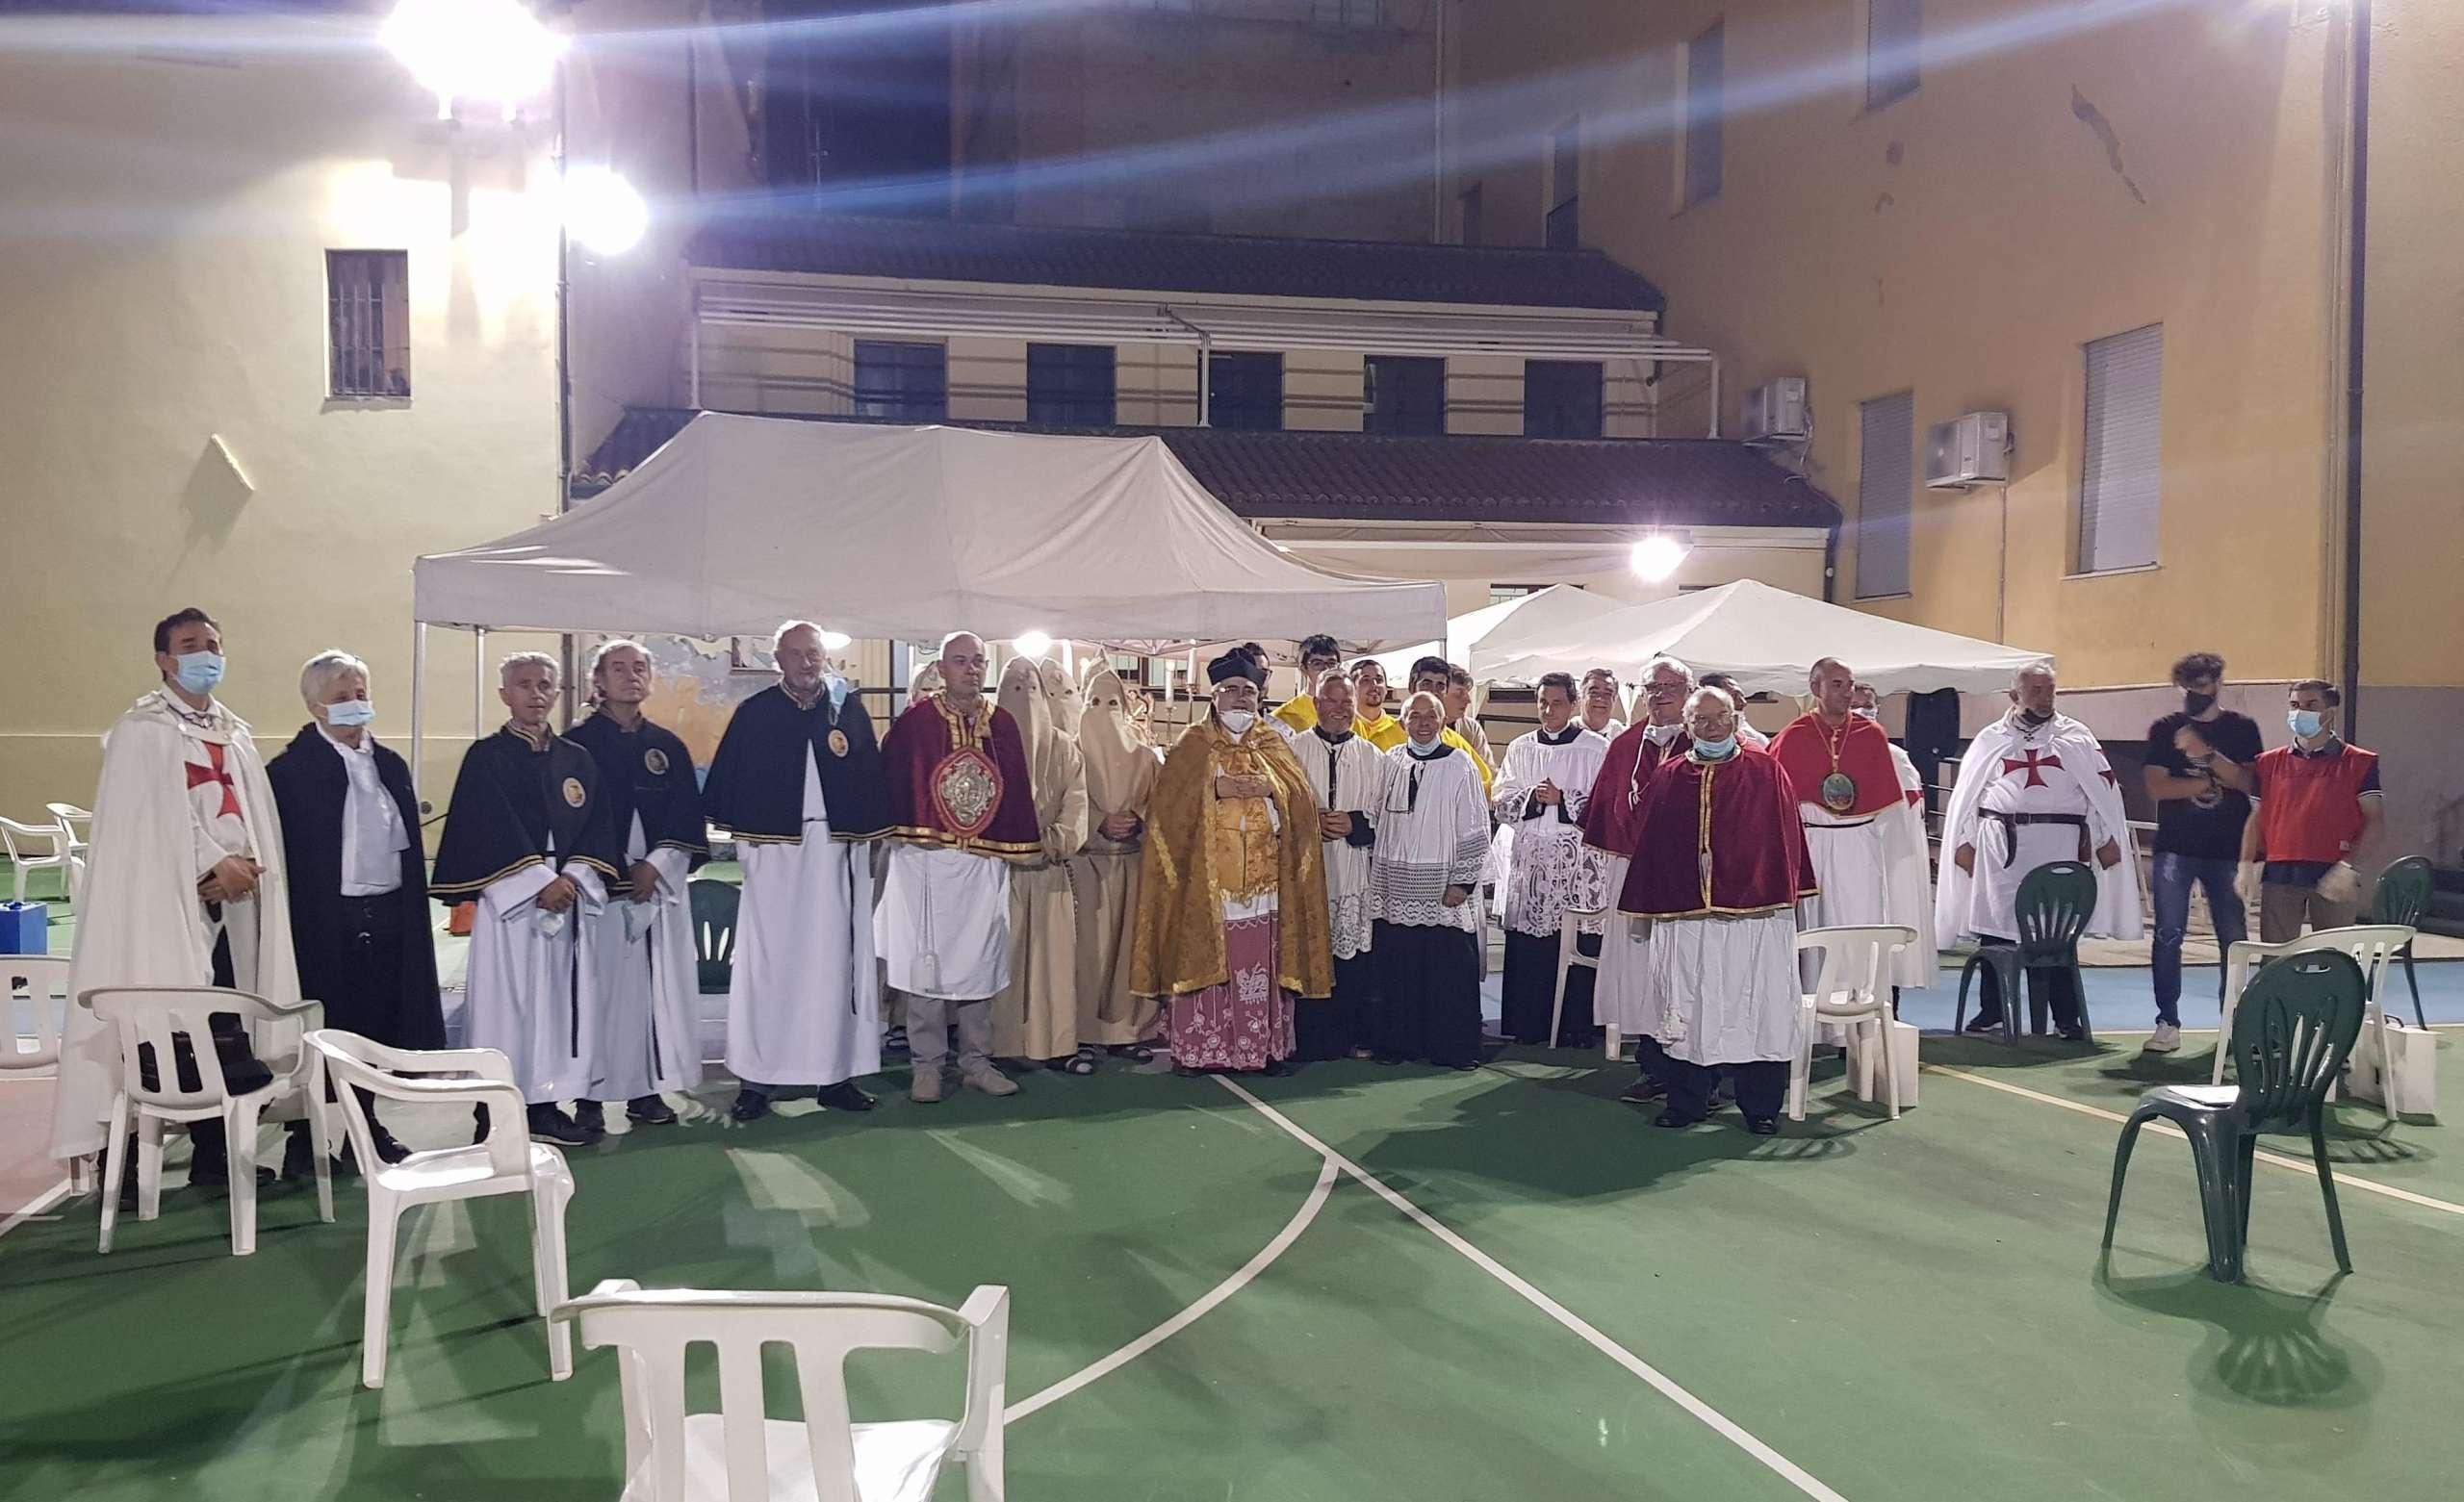 Festa del Sacro Cuore di Gesù – S.Messa in Rito Antico a Tolentino (MC) 19.06.2020